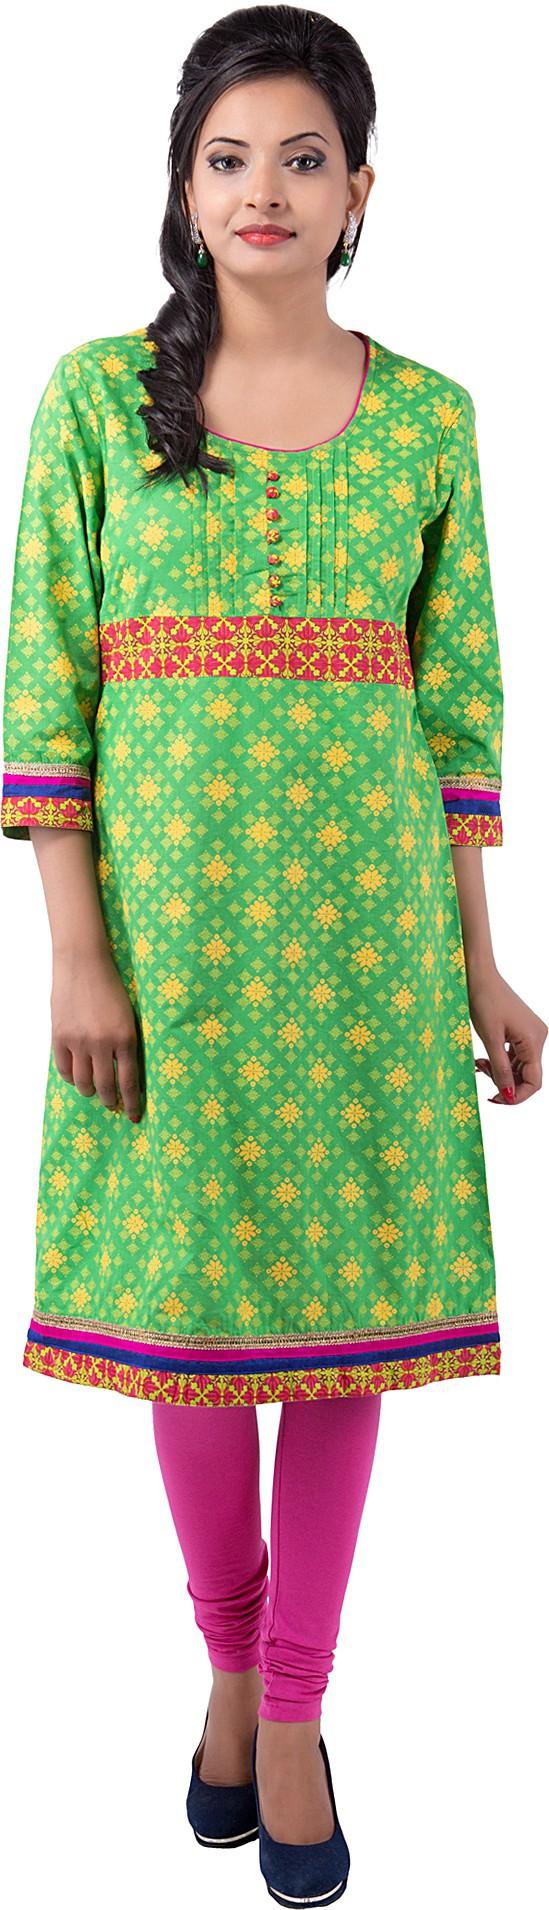 Ishwar Womens Wear Floral Print Womens Straight Kurta(Green)